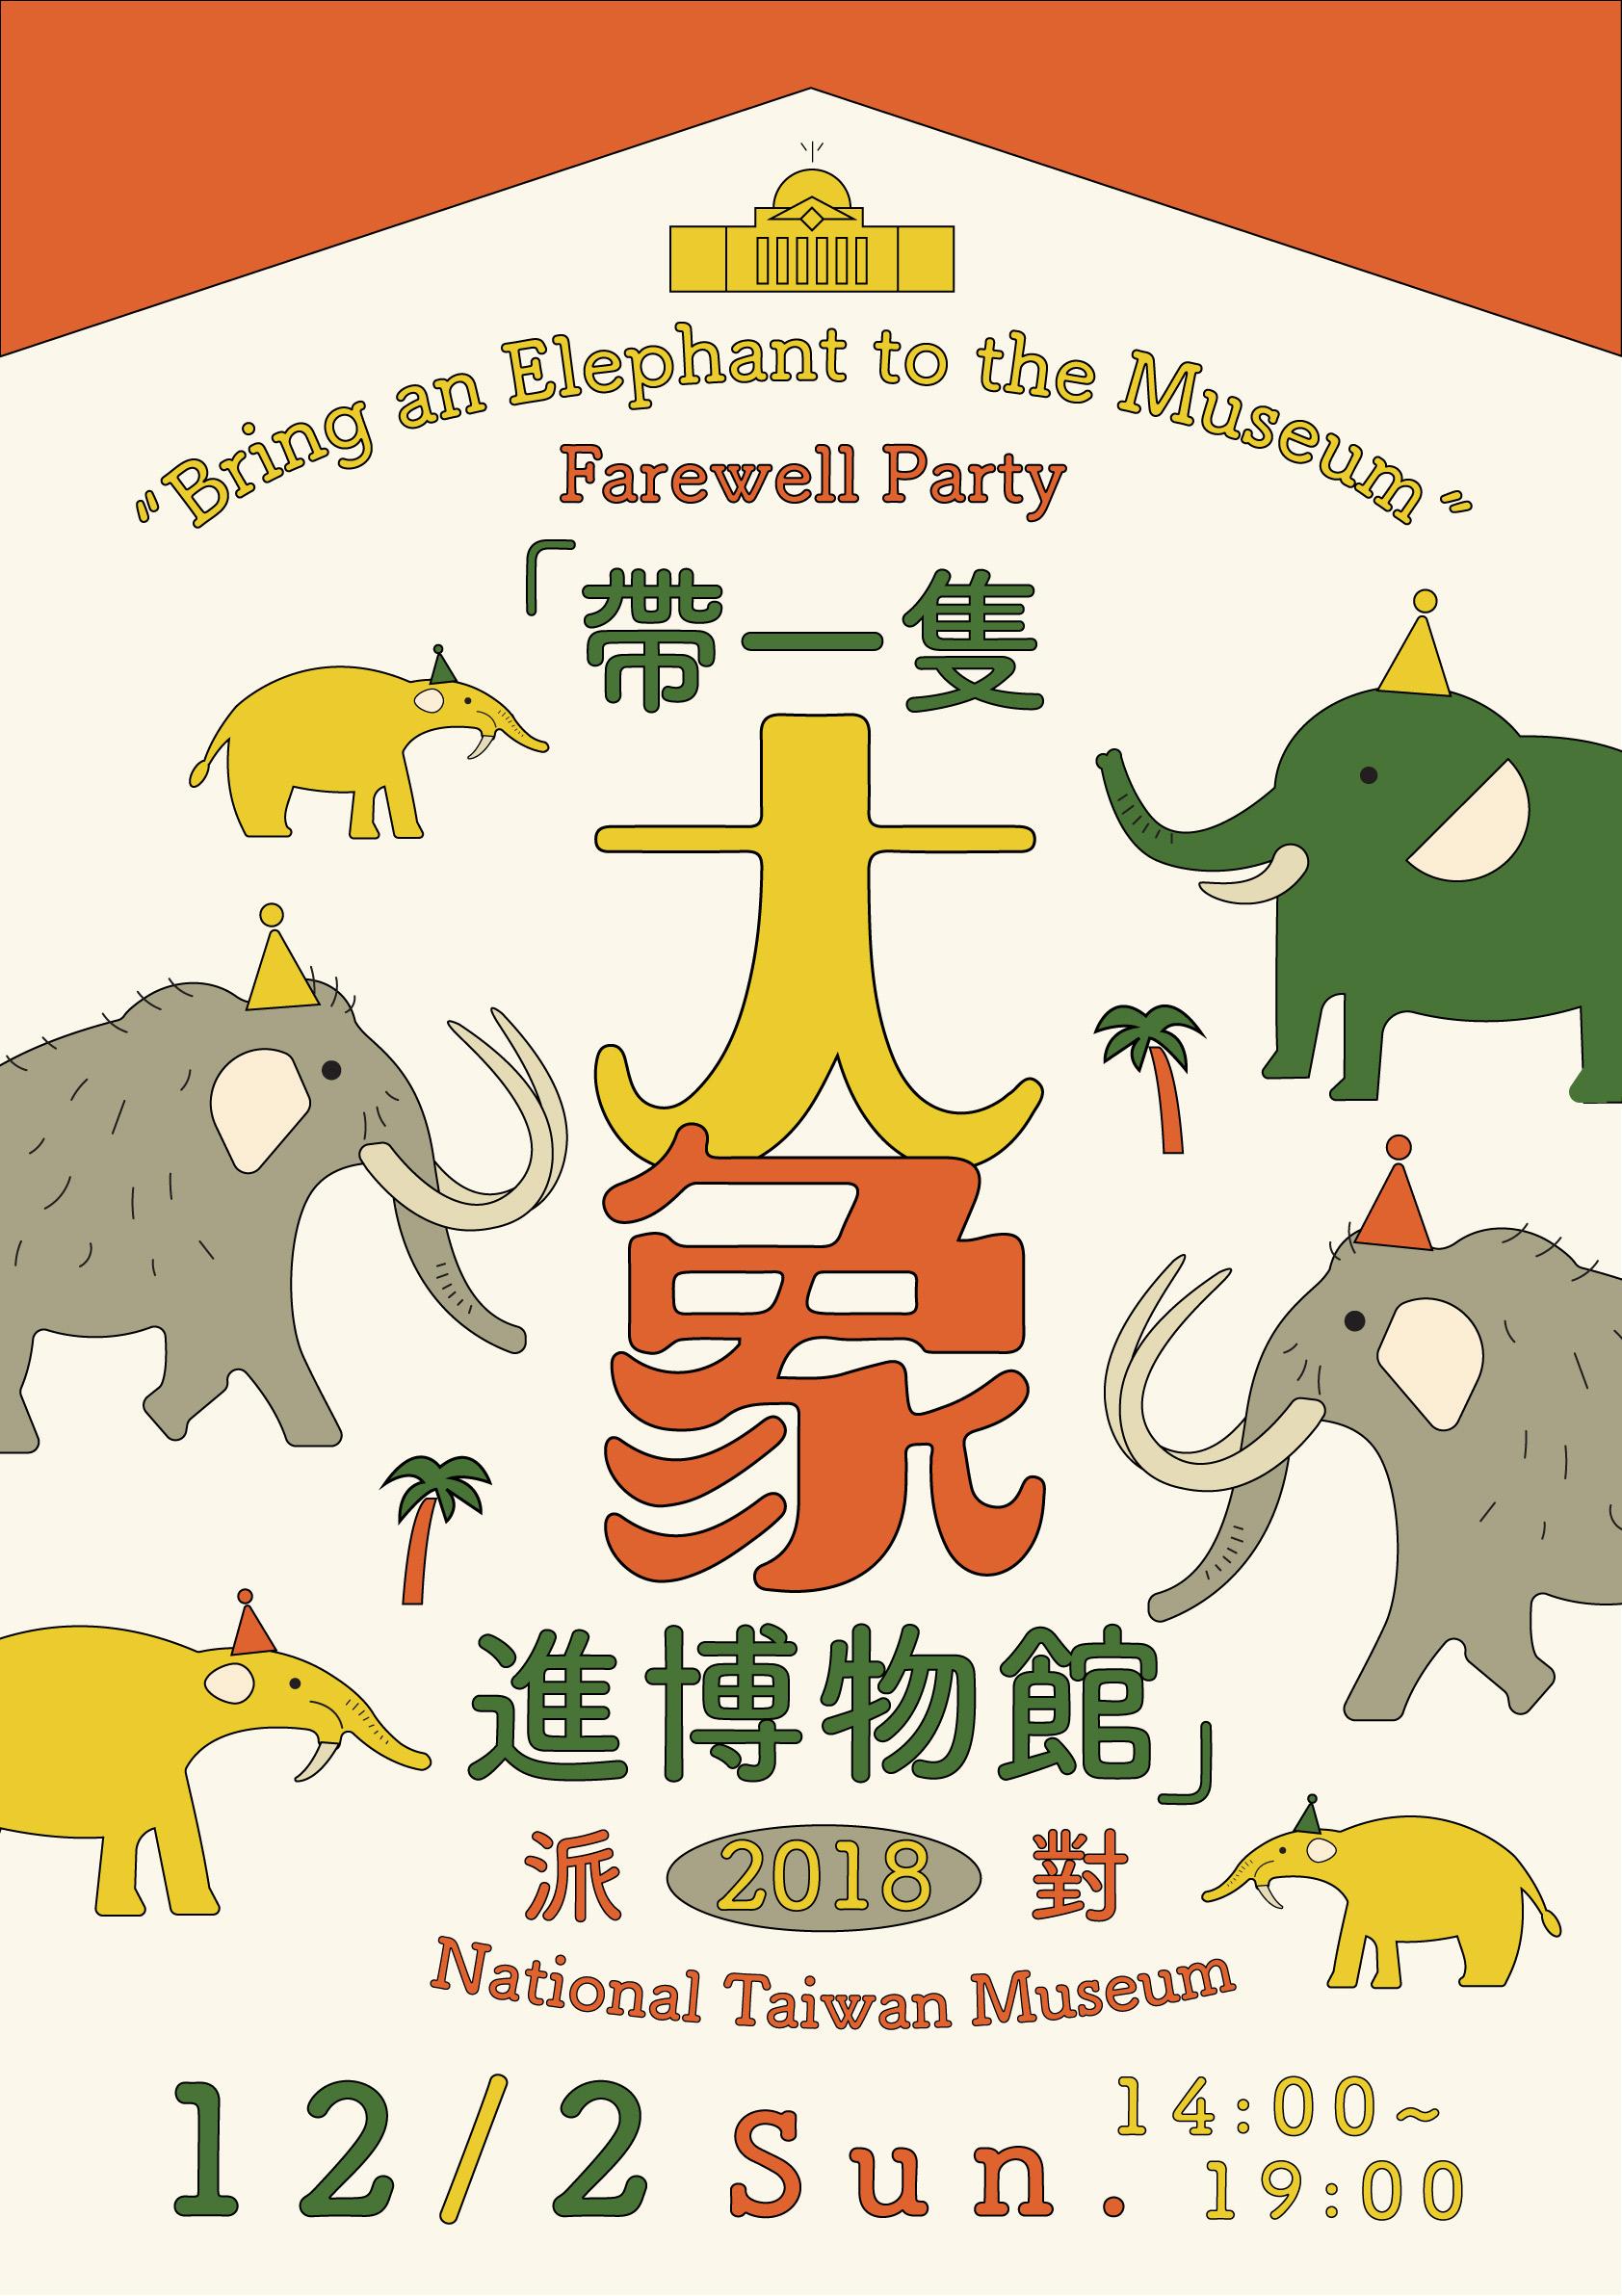 12月2日「帶一隻大象進博物館」派對